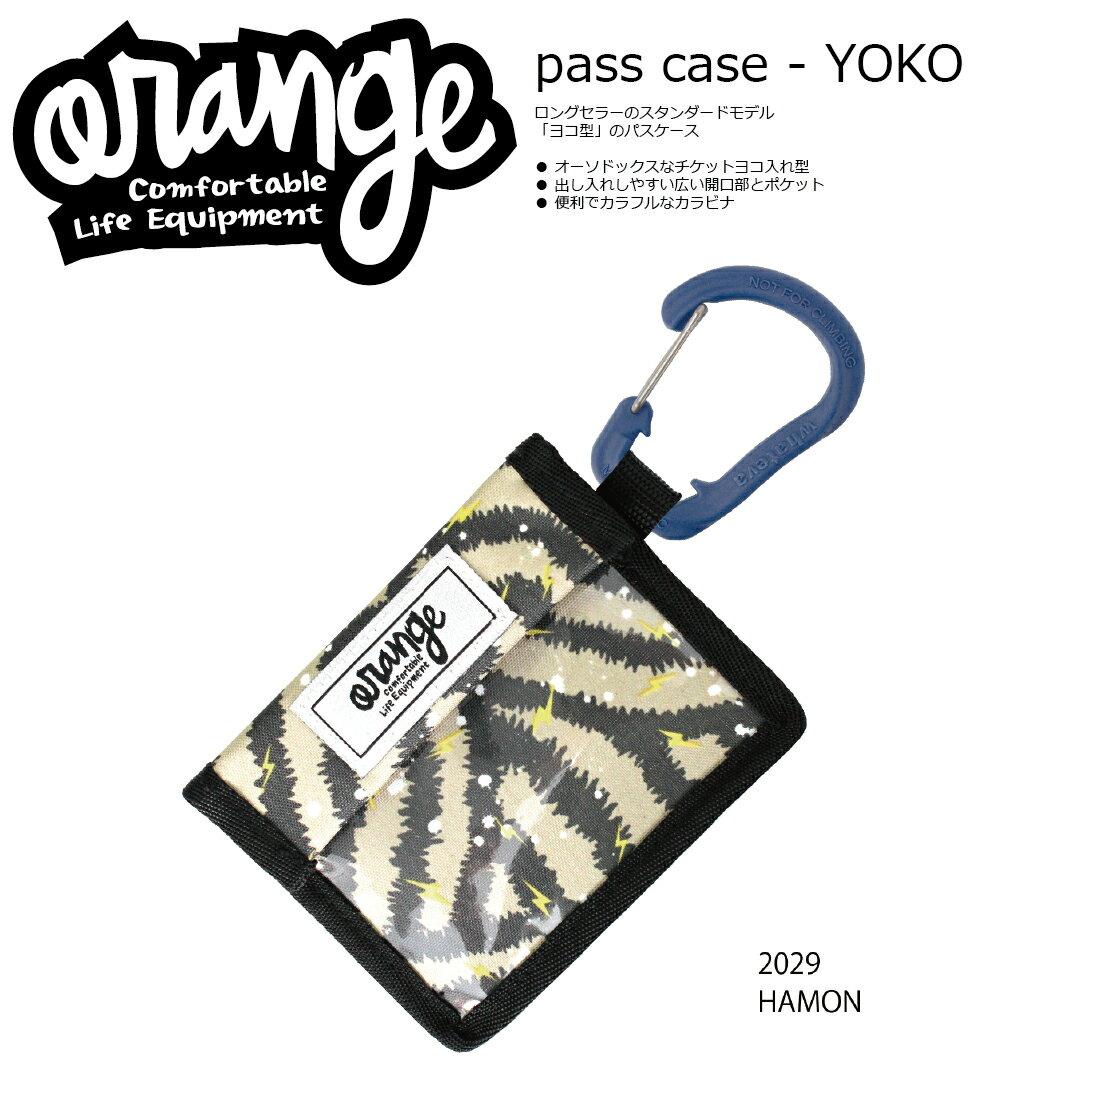 Oran'ge Pass-Case YOKO カラビナ付 2029 HAMON オレンジ パスケース 横タイプ ヨコエス ベーシック 収納ポケット付 2017 2017-18